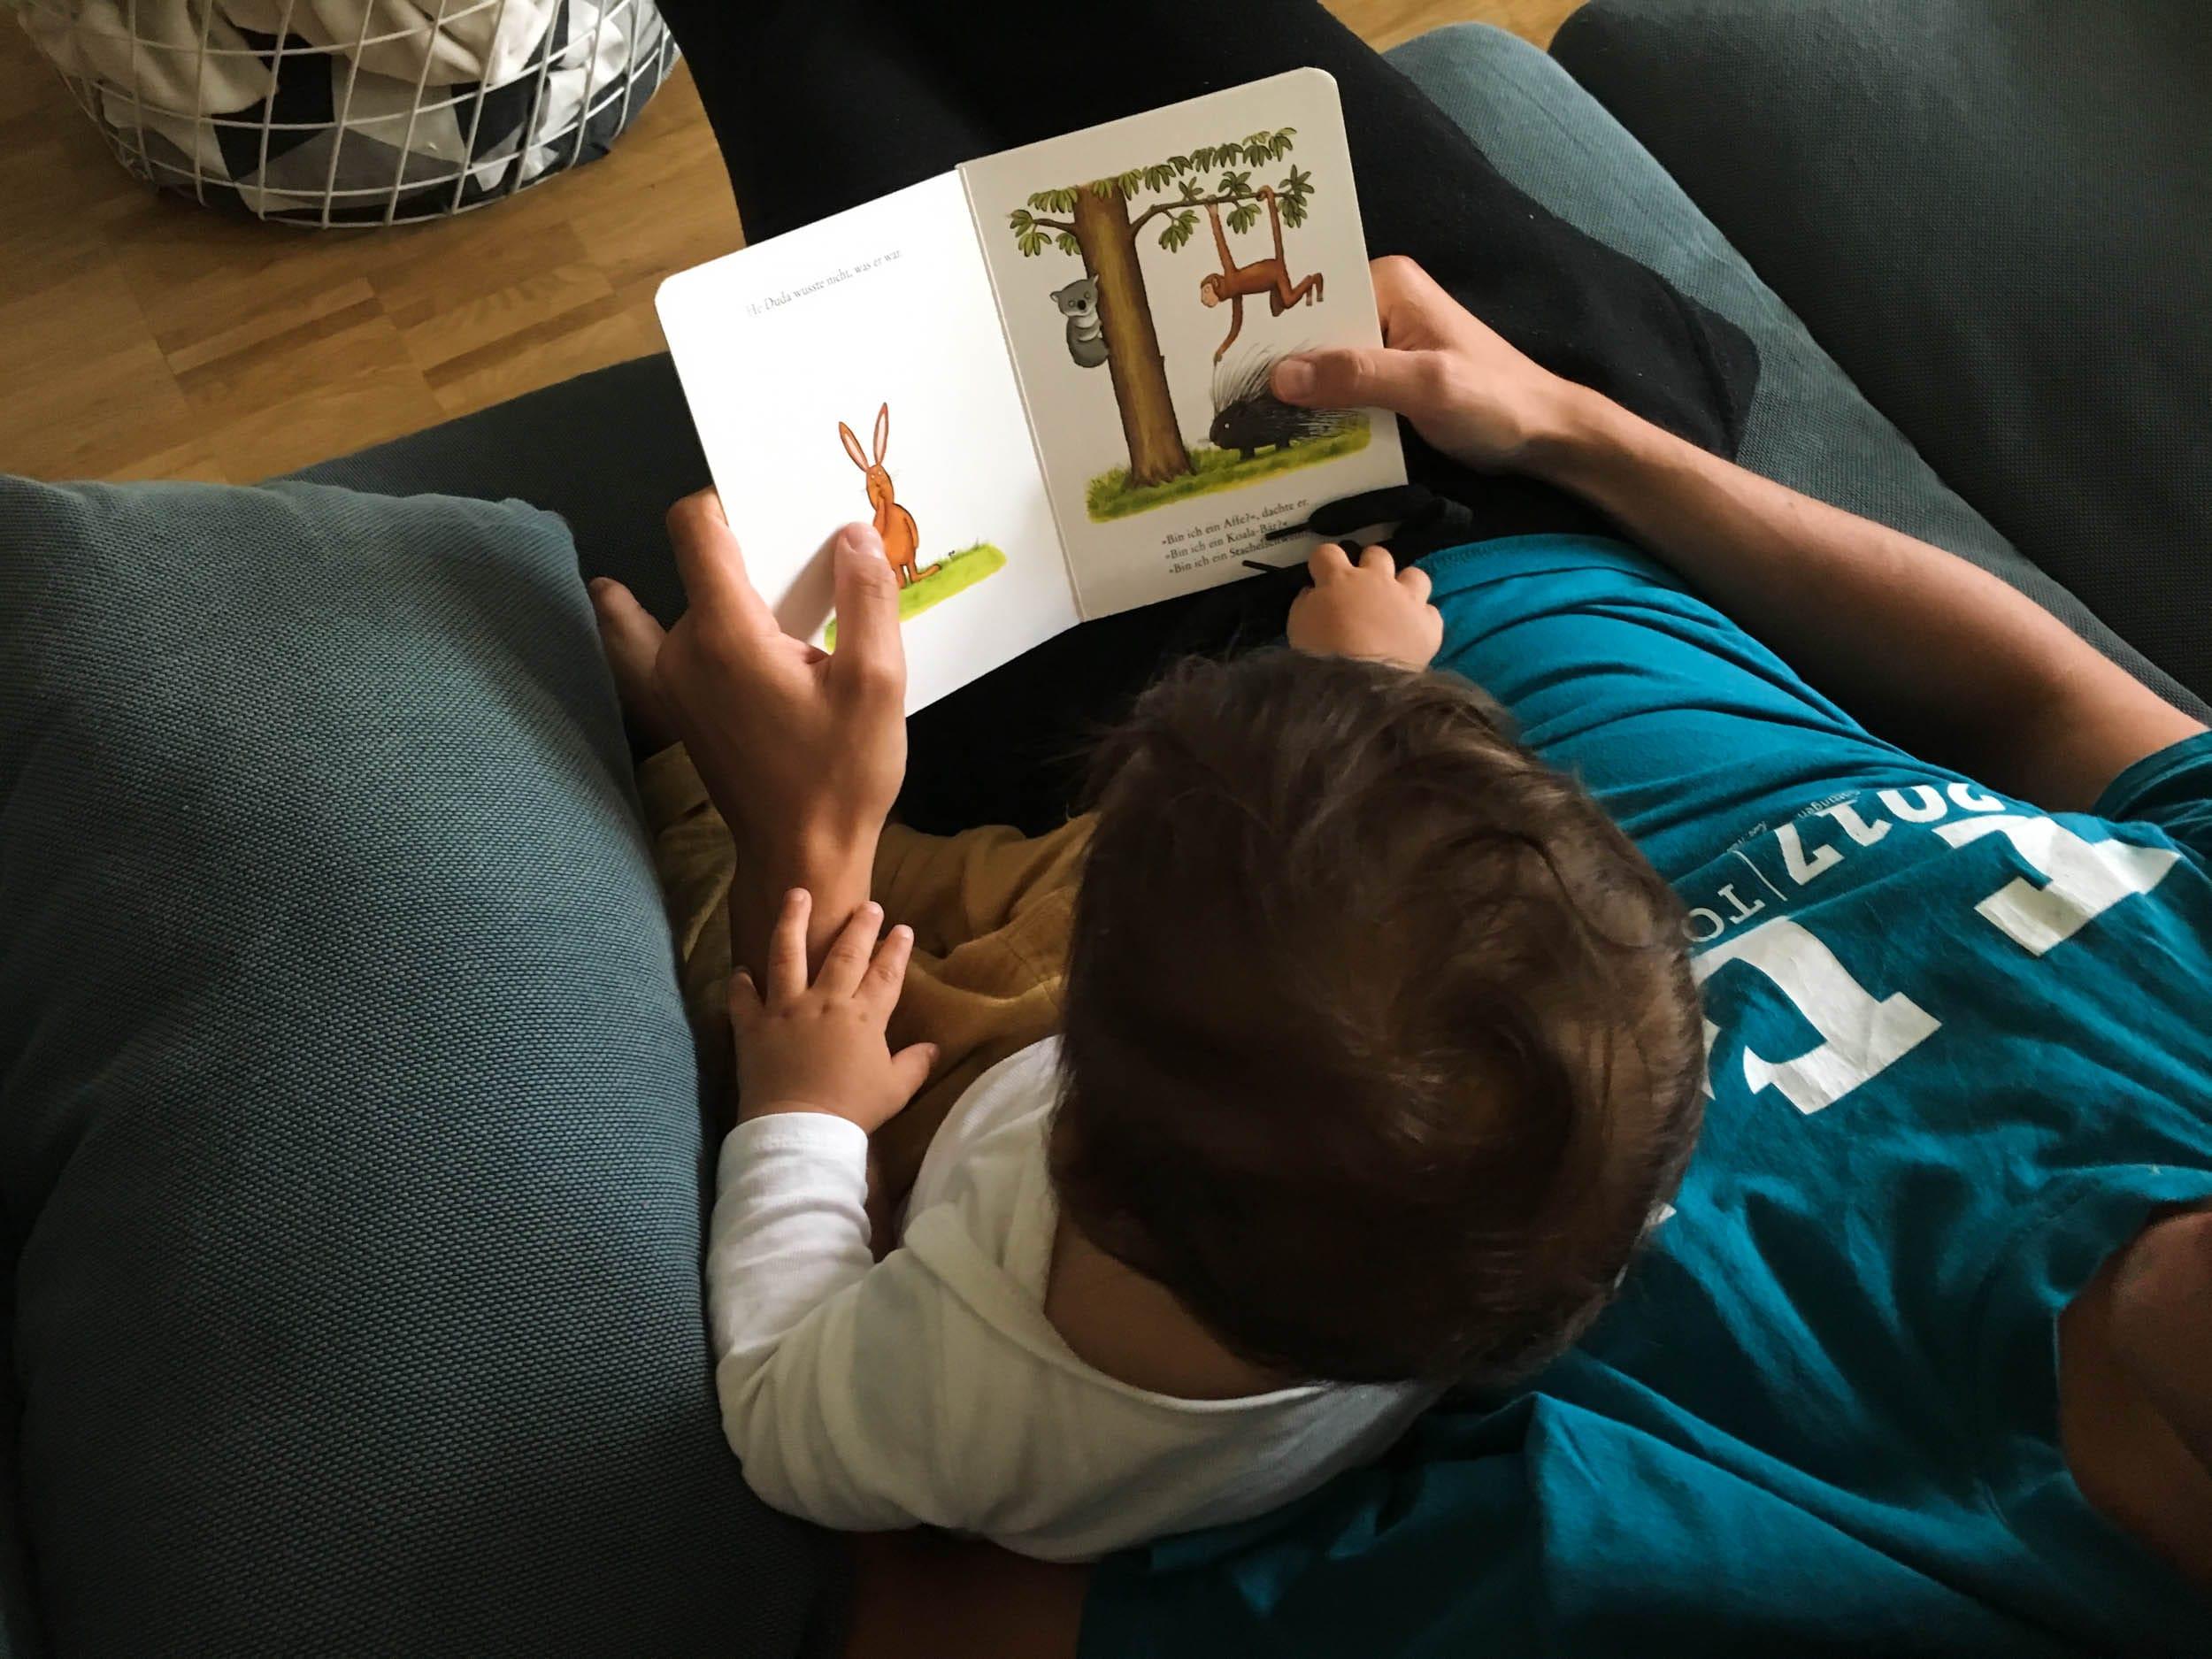 He Duda | Papa liest vor | ivy.li